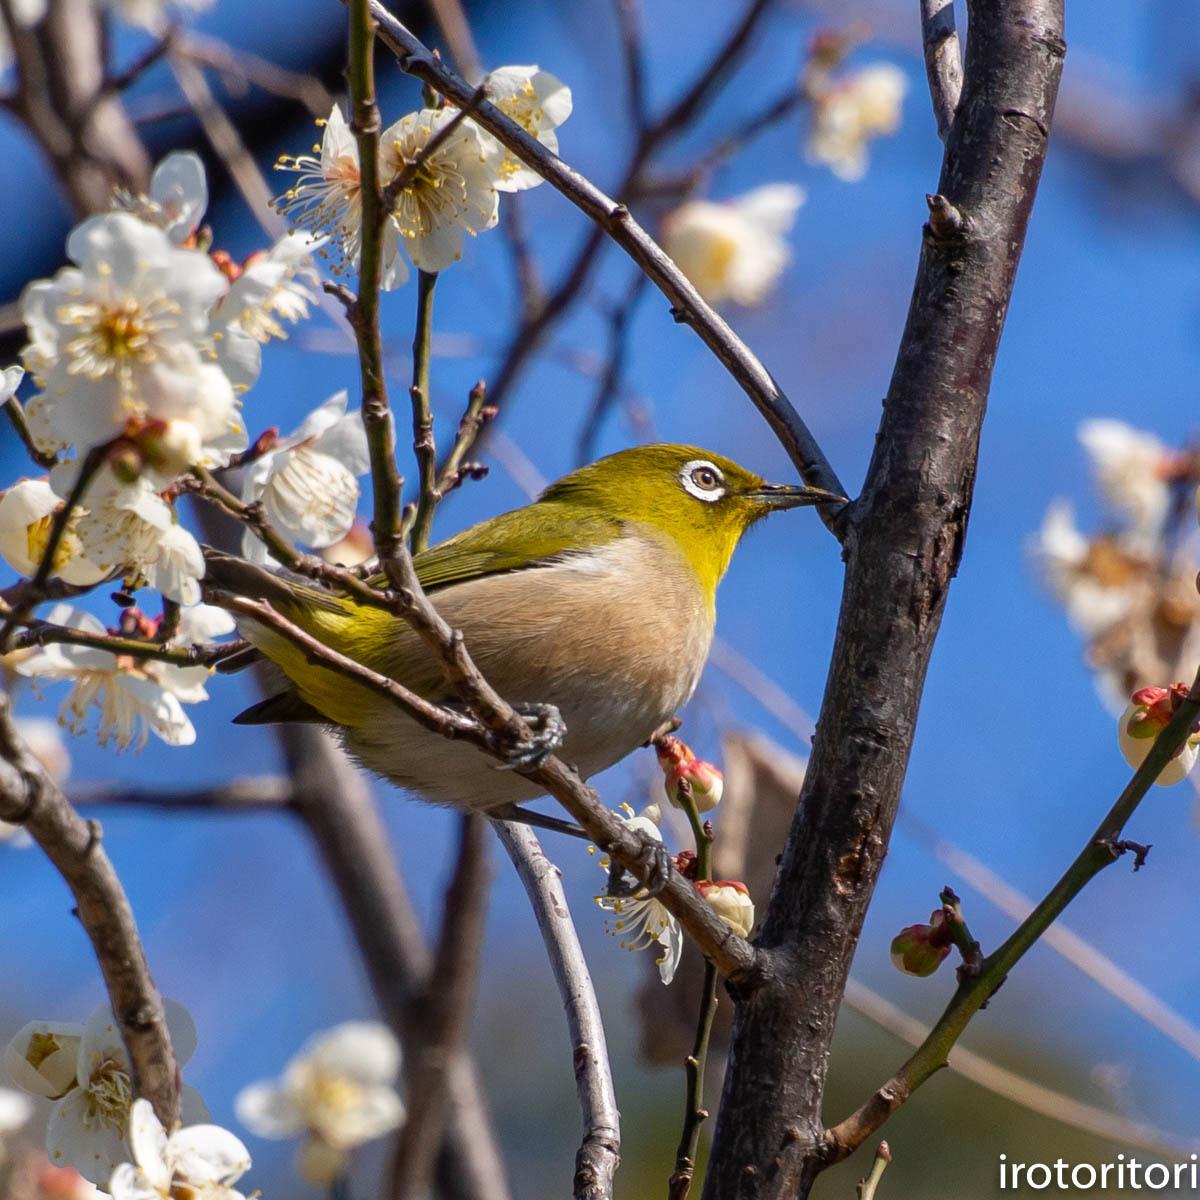 梅が咲いてました〜!!  (メジロ)  2020/02/08_d0146592_01165881.jpg